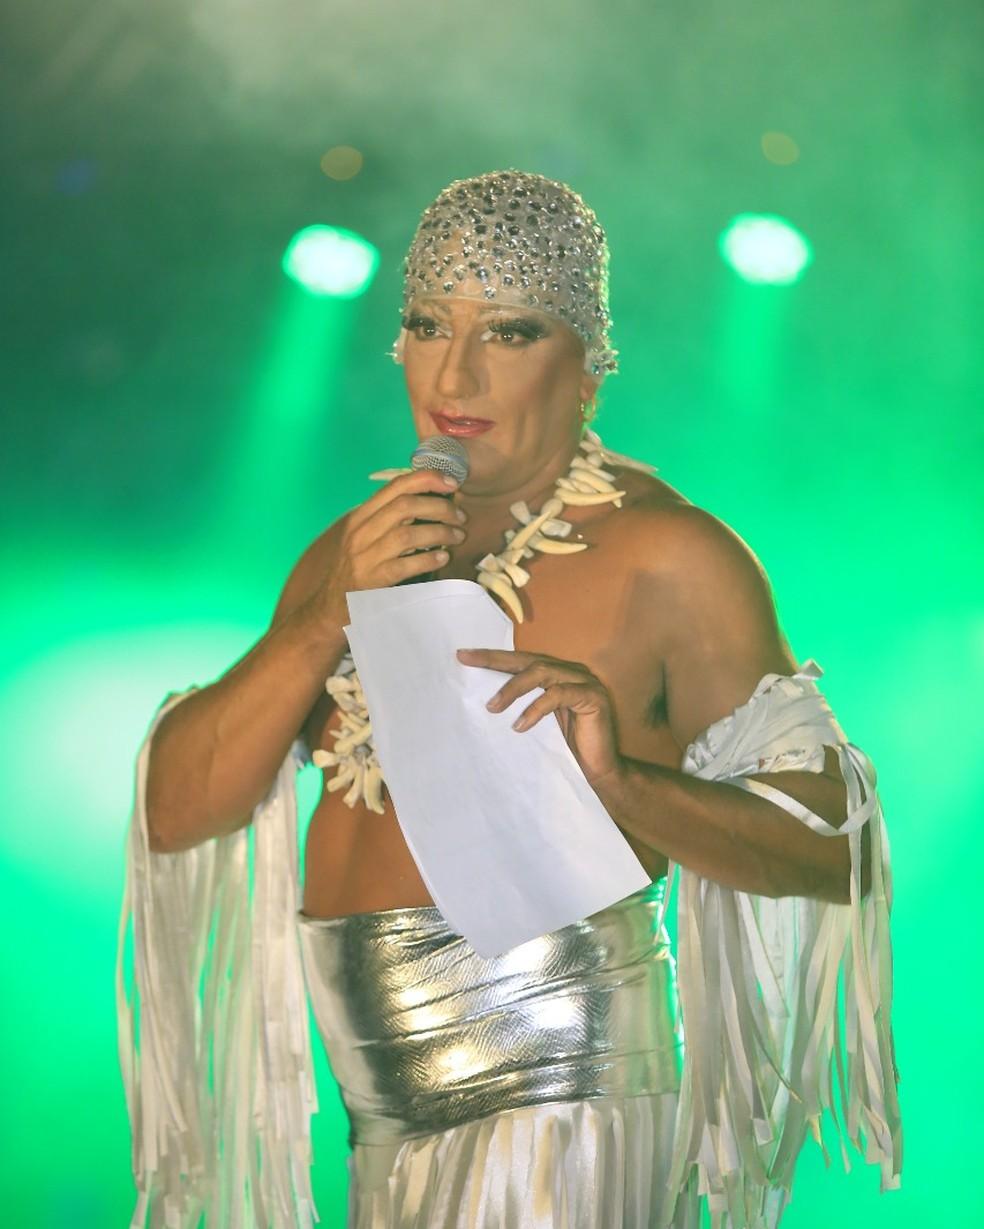 Lady Coió, interpretada pelo apresentador William Ferro, divertiu o público — Foto: Leonardo Vellozo/Ascom Friburgo